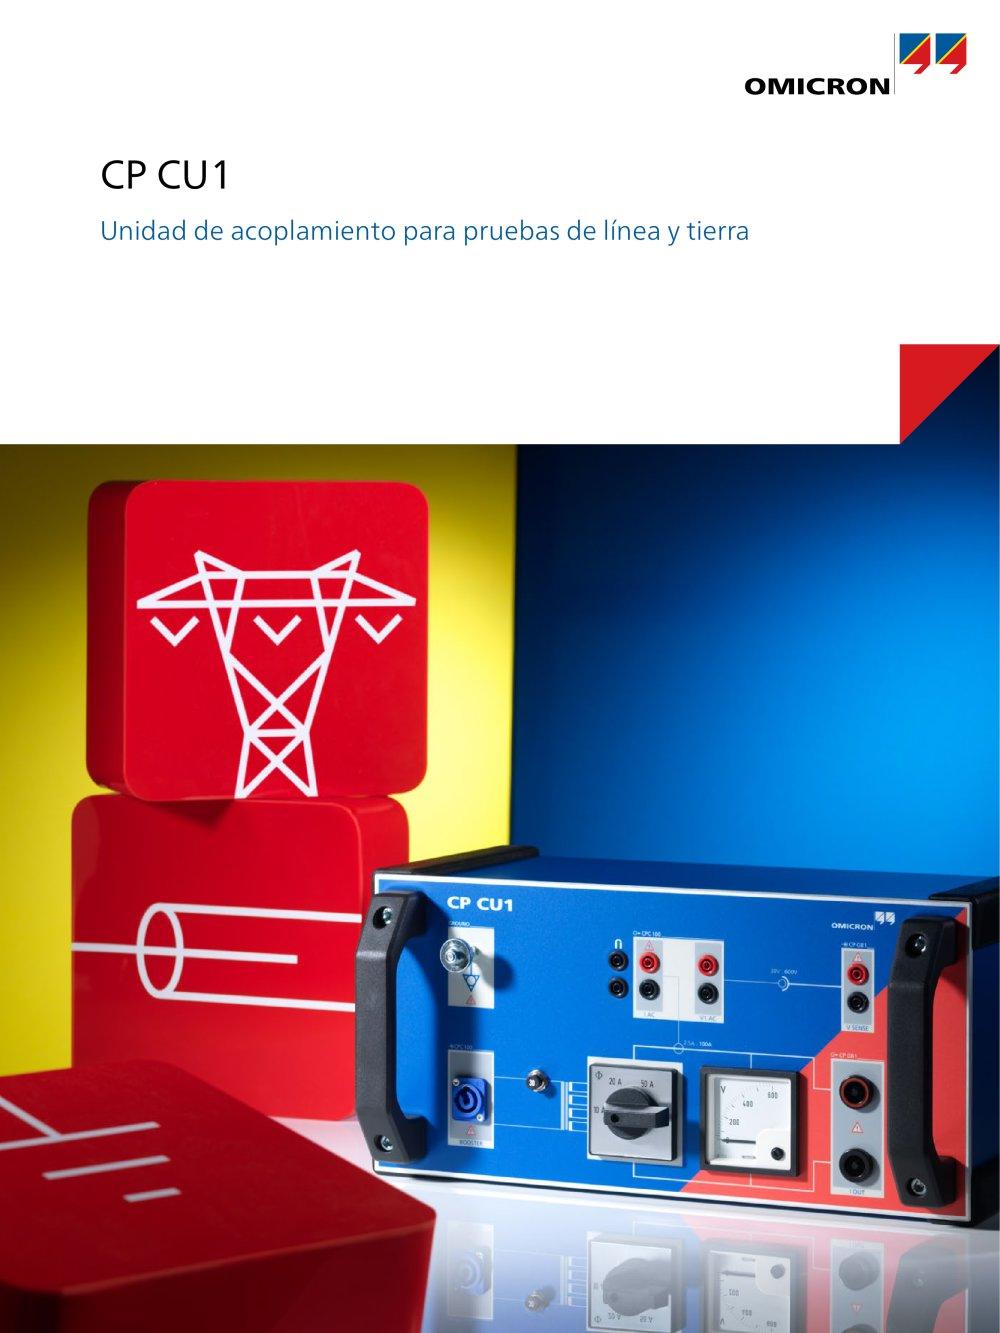 CP CU1 - Unidad de acoplamiento para pruebas de línea y tierra ...